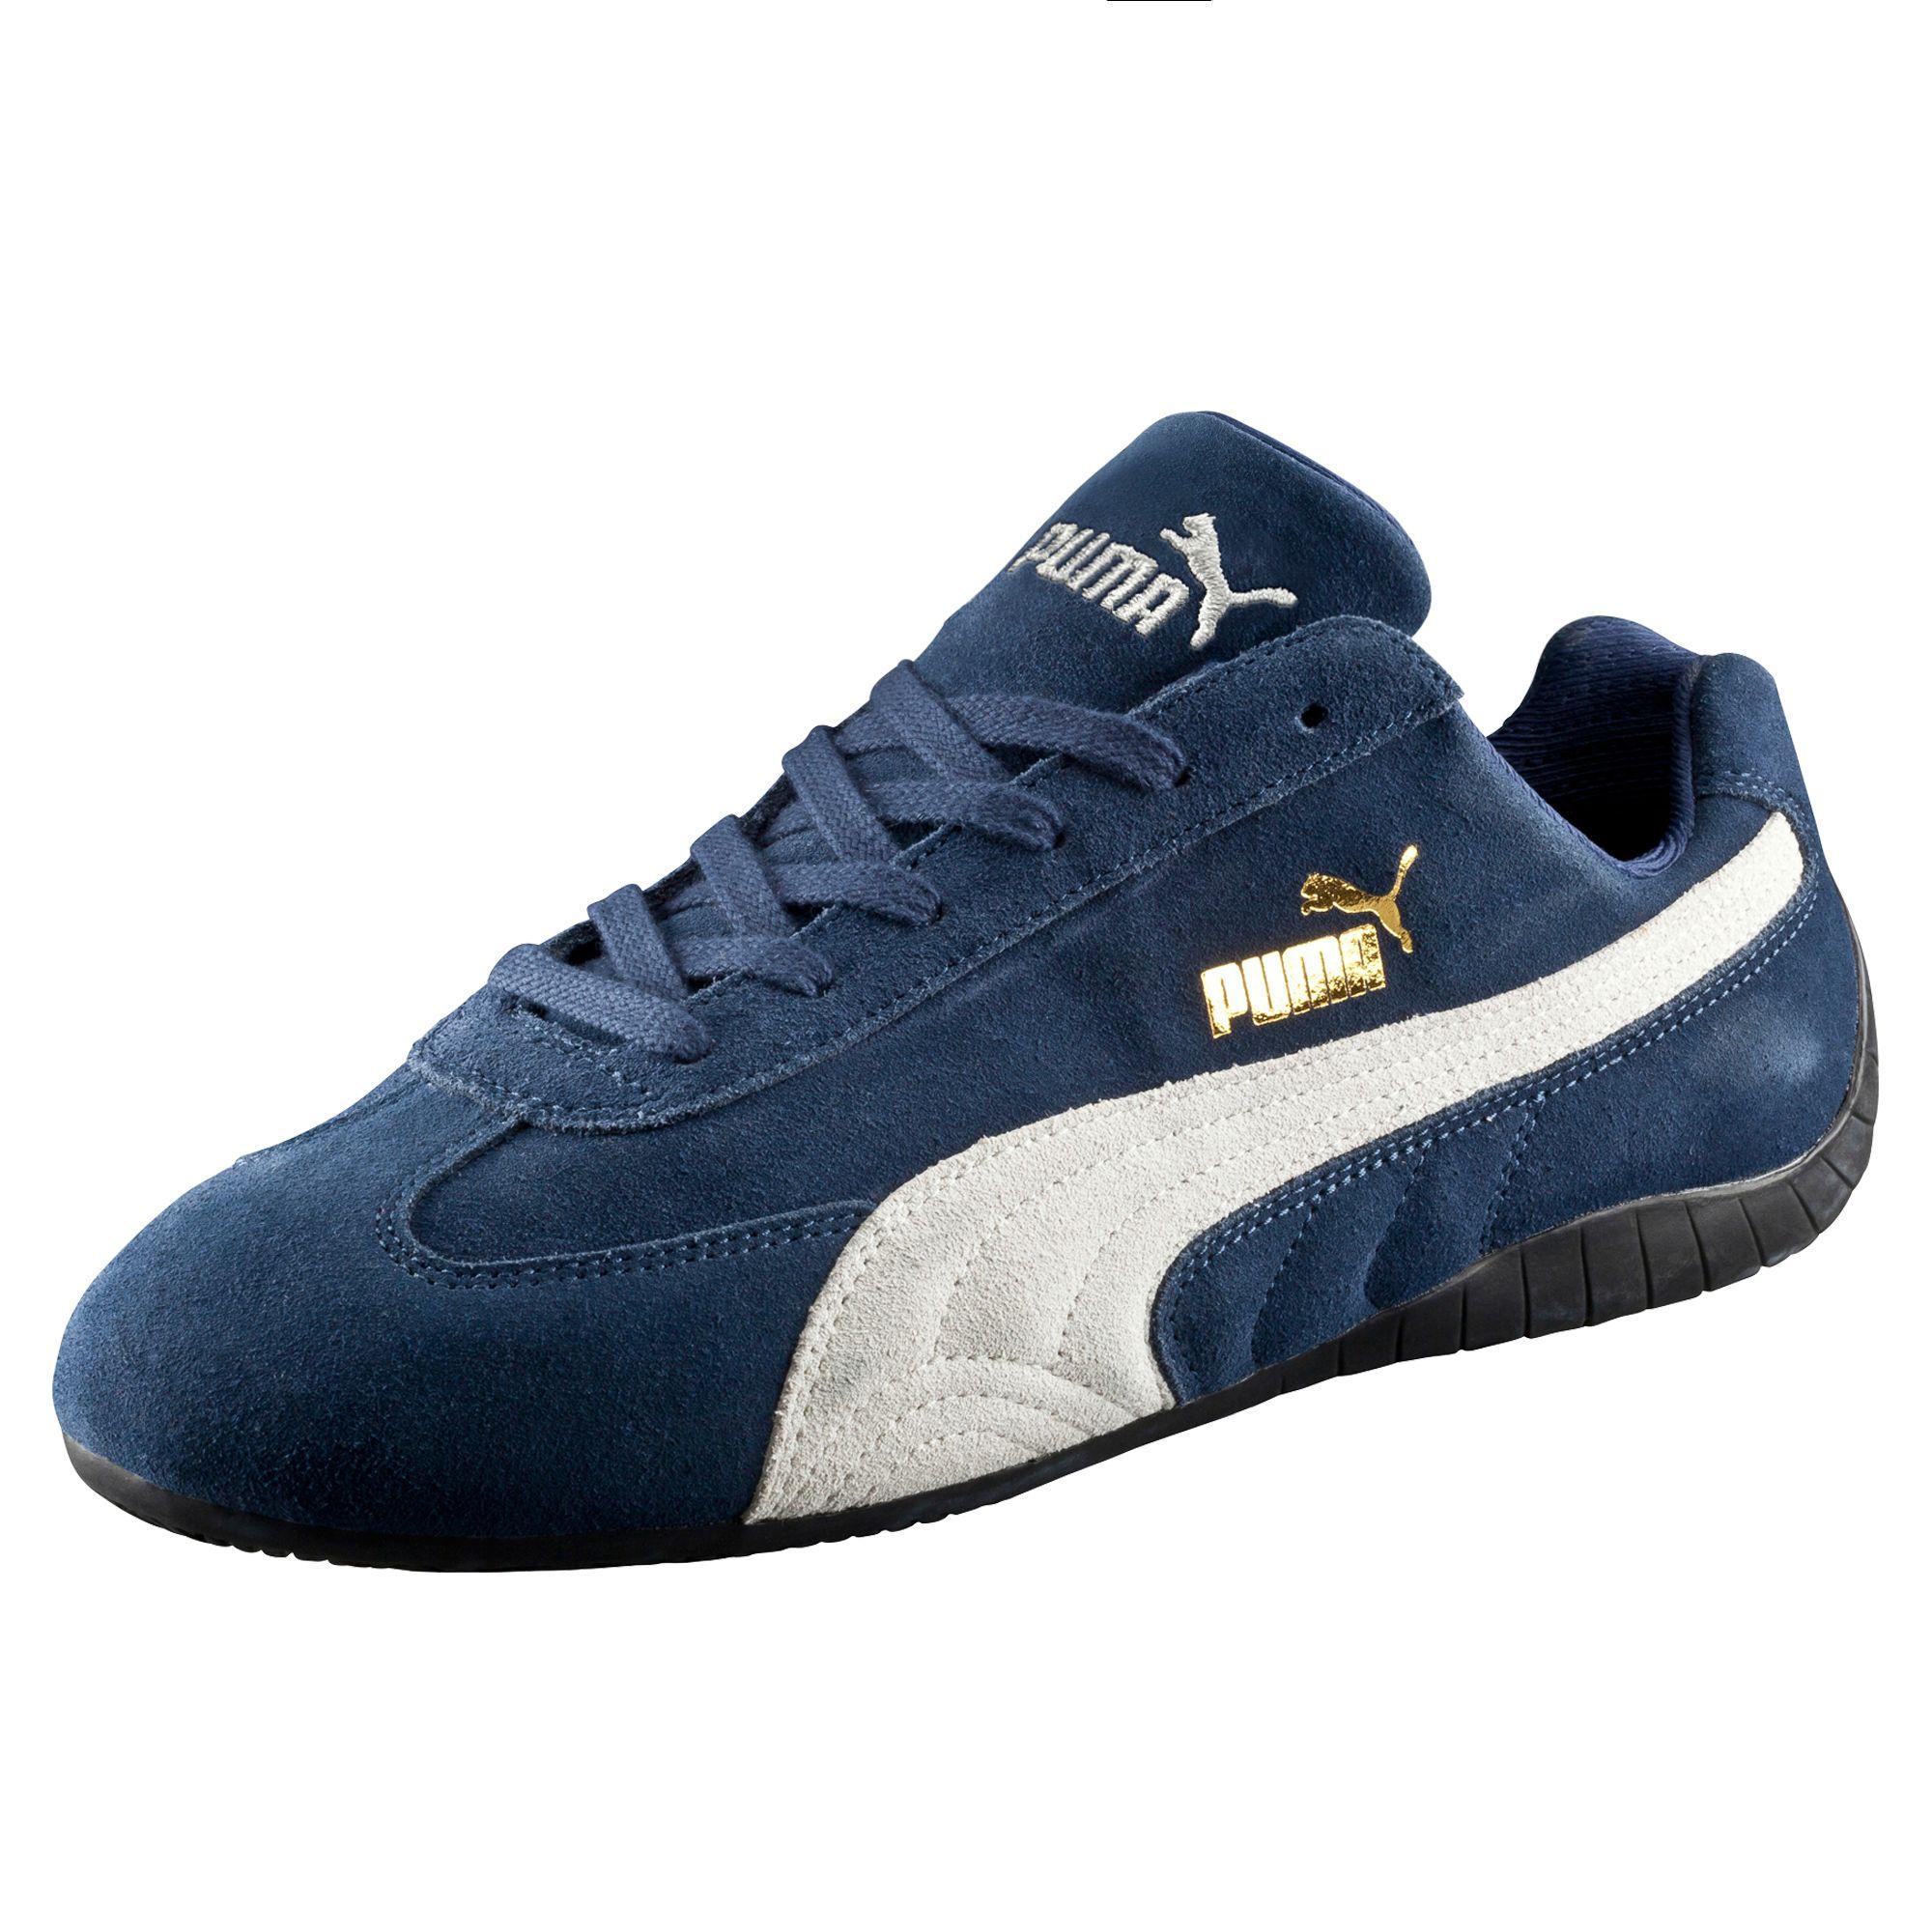 low priced b647e 77da1 ... aliexpress puma speed cat trainers footwear motorsport unisex new 820b5  56388